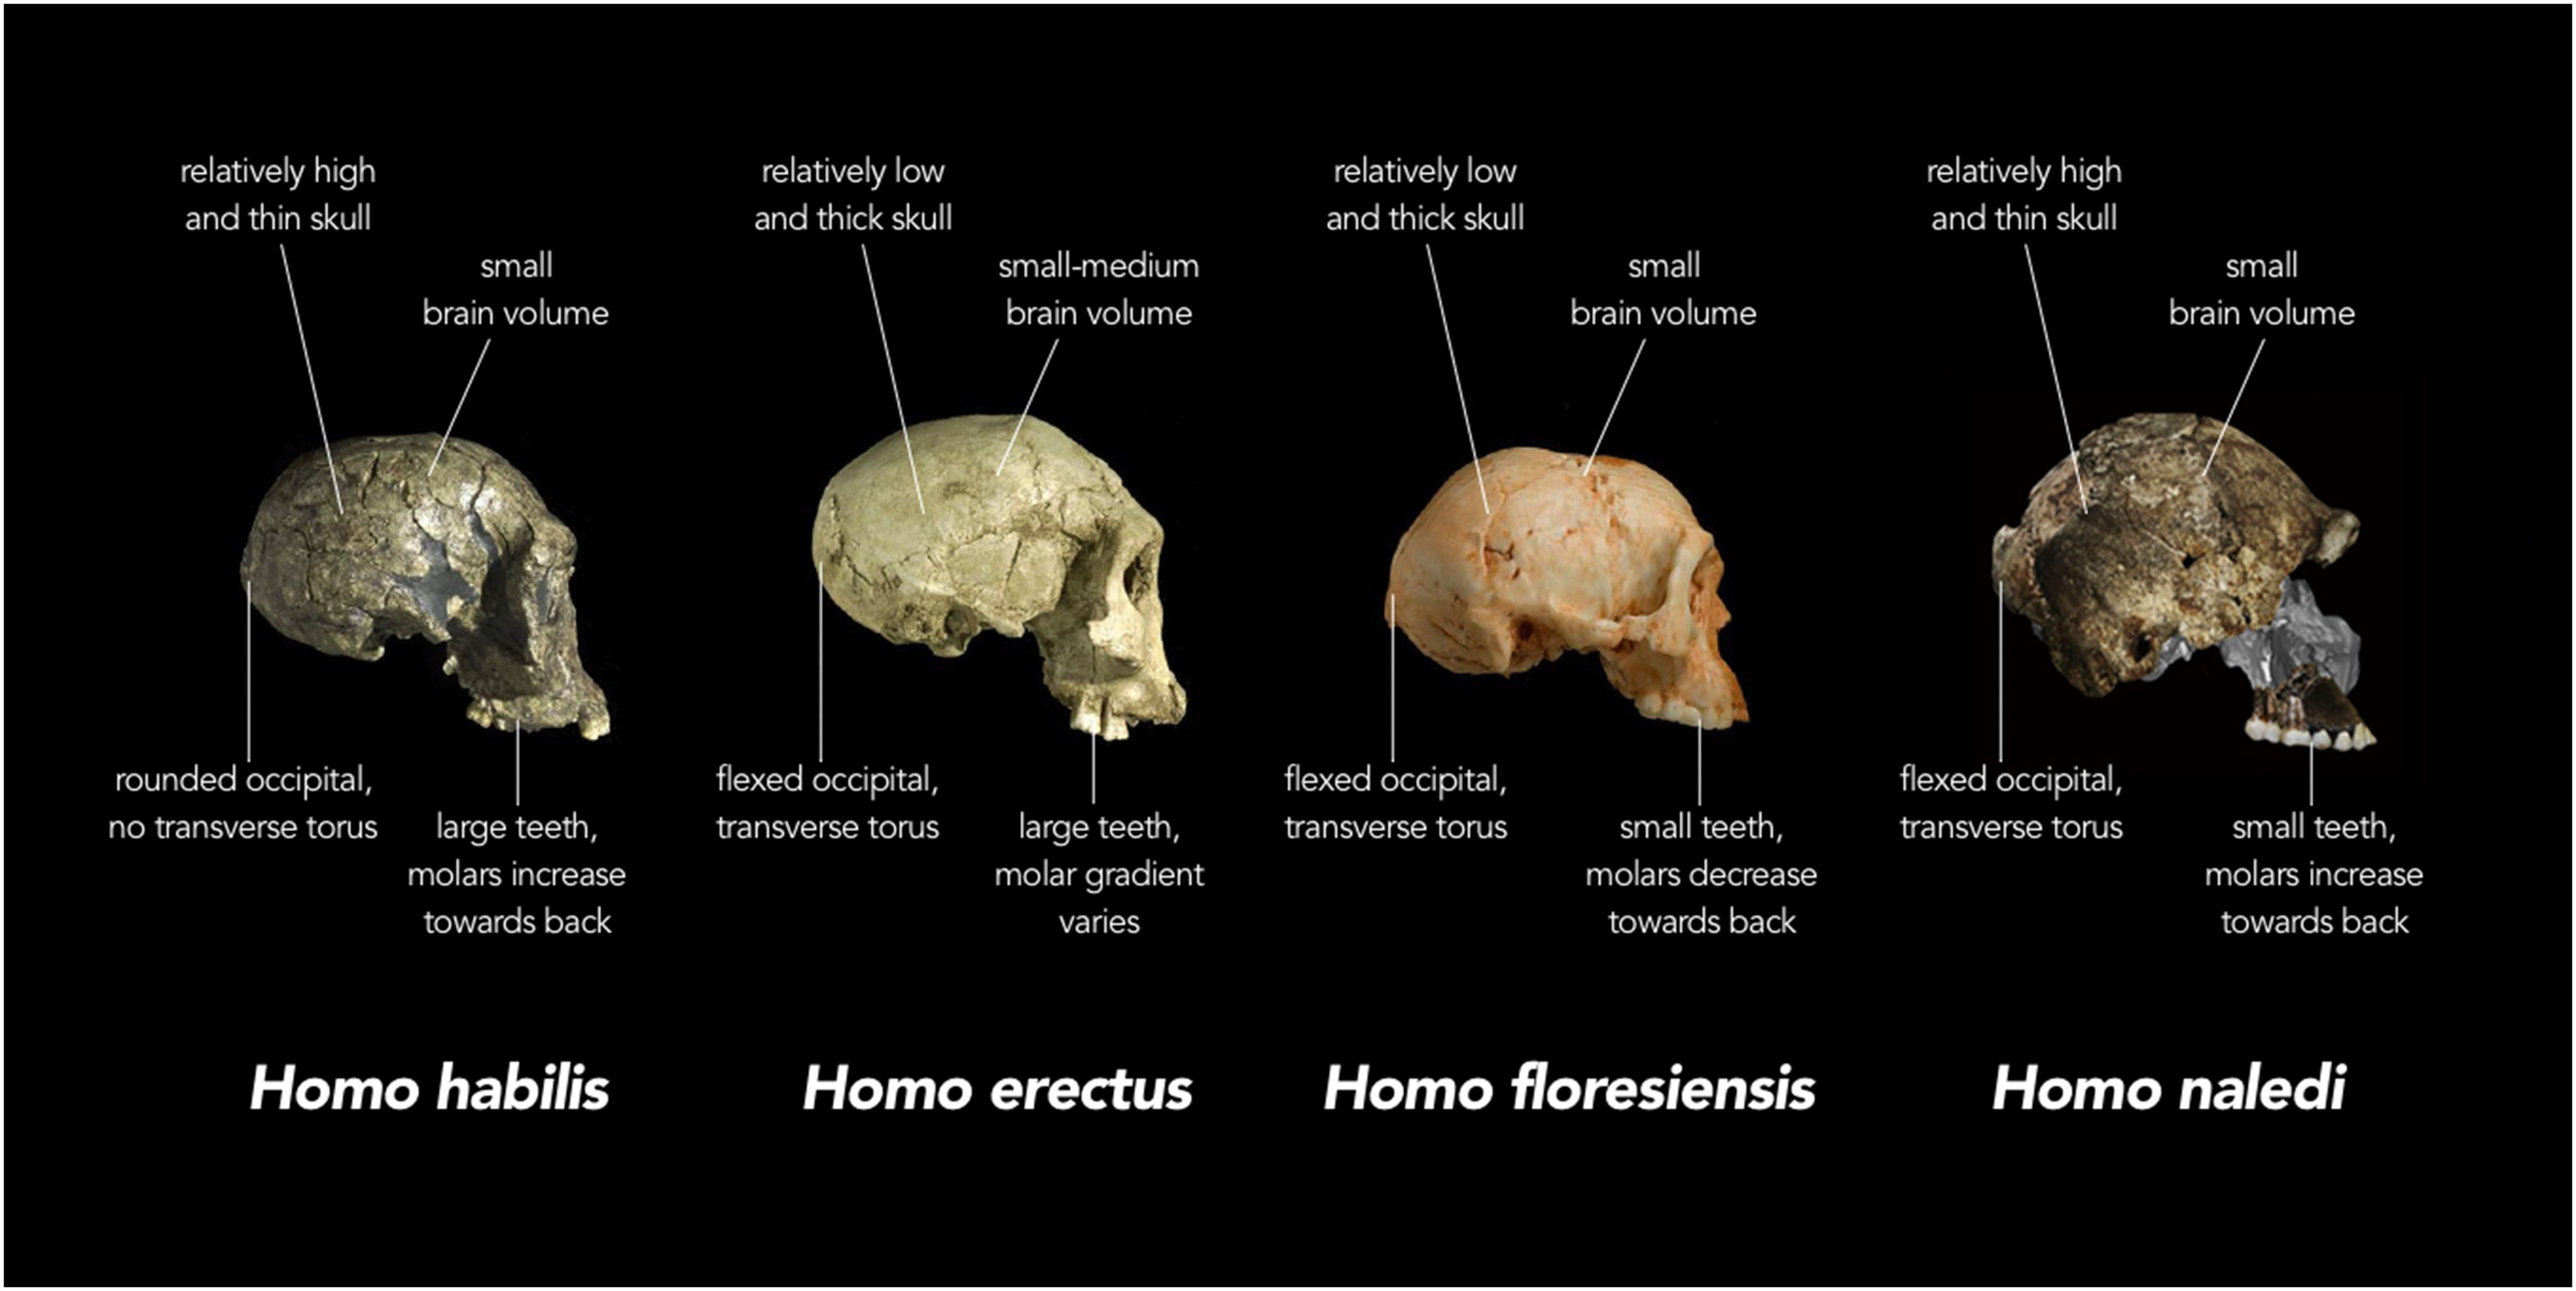 Nova Especie De Hominideo E Descoberta